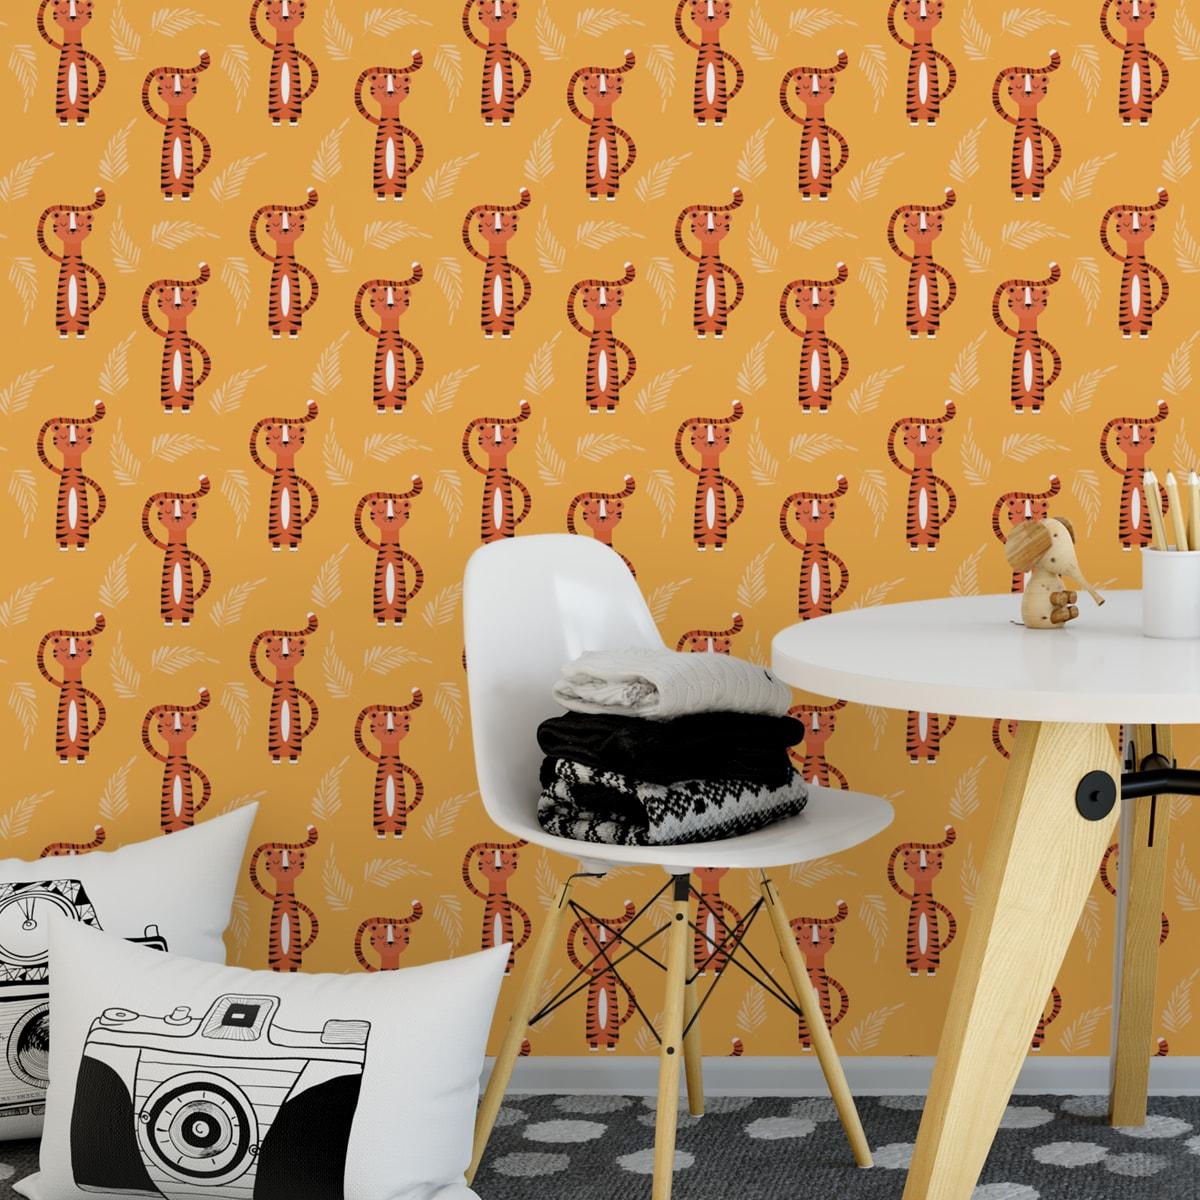 Trendige Kinder Jugend Tapete mit lustigem Sieger Tiger auf gelb angepasst an Ikea Wandfarben- Vliestapete Tiere  1